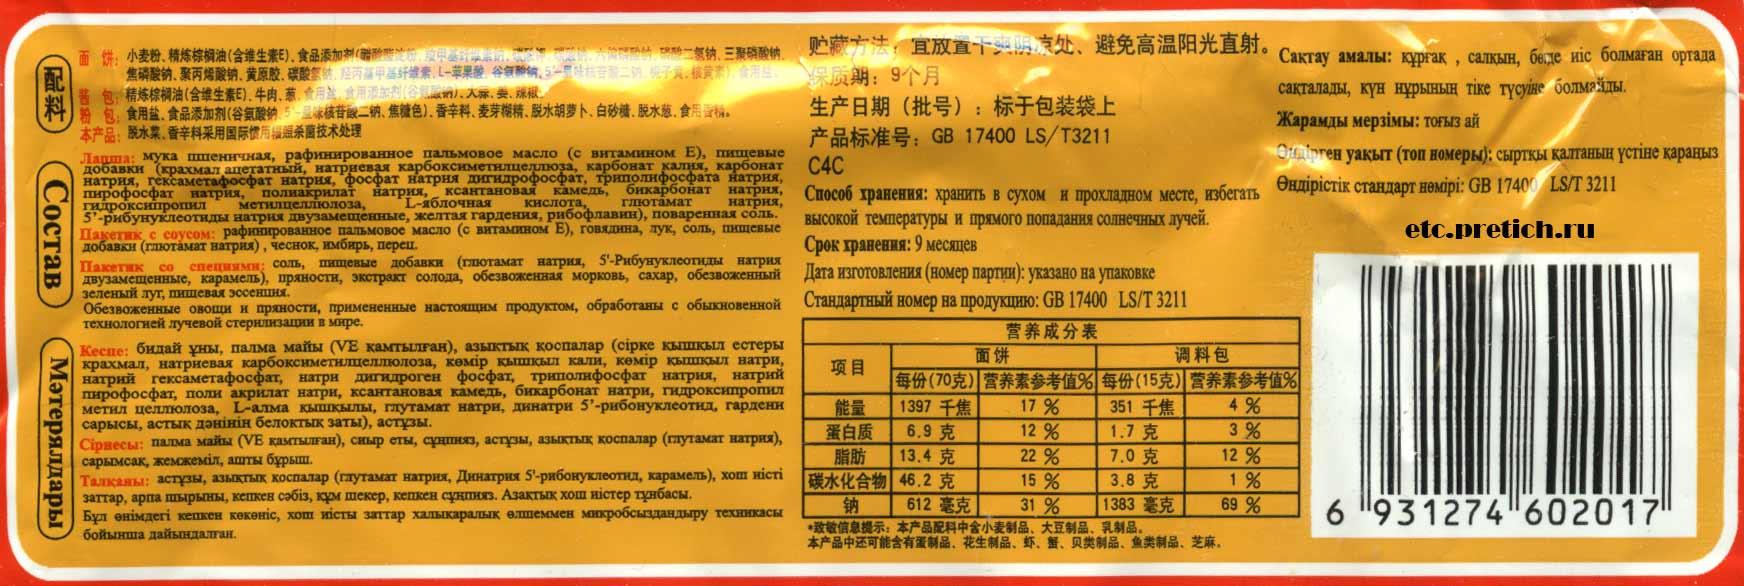 состав и отзыв на Мастер Кан лапша с говядиной из Китая